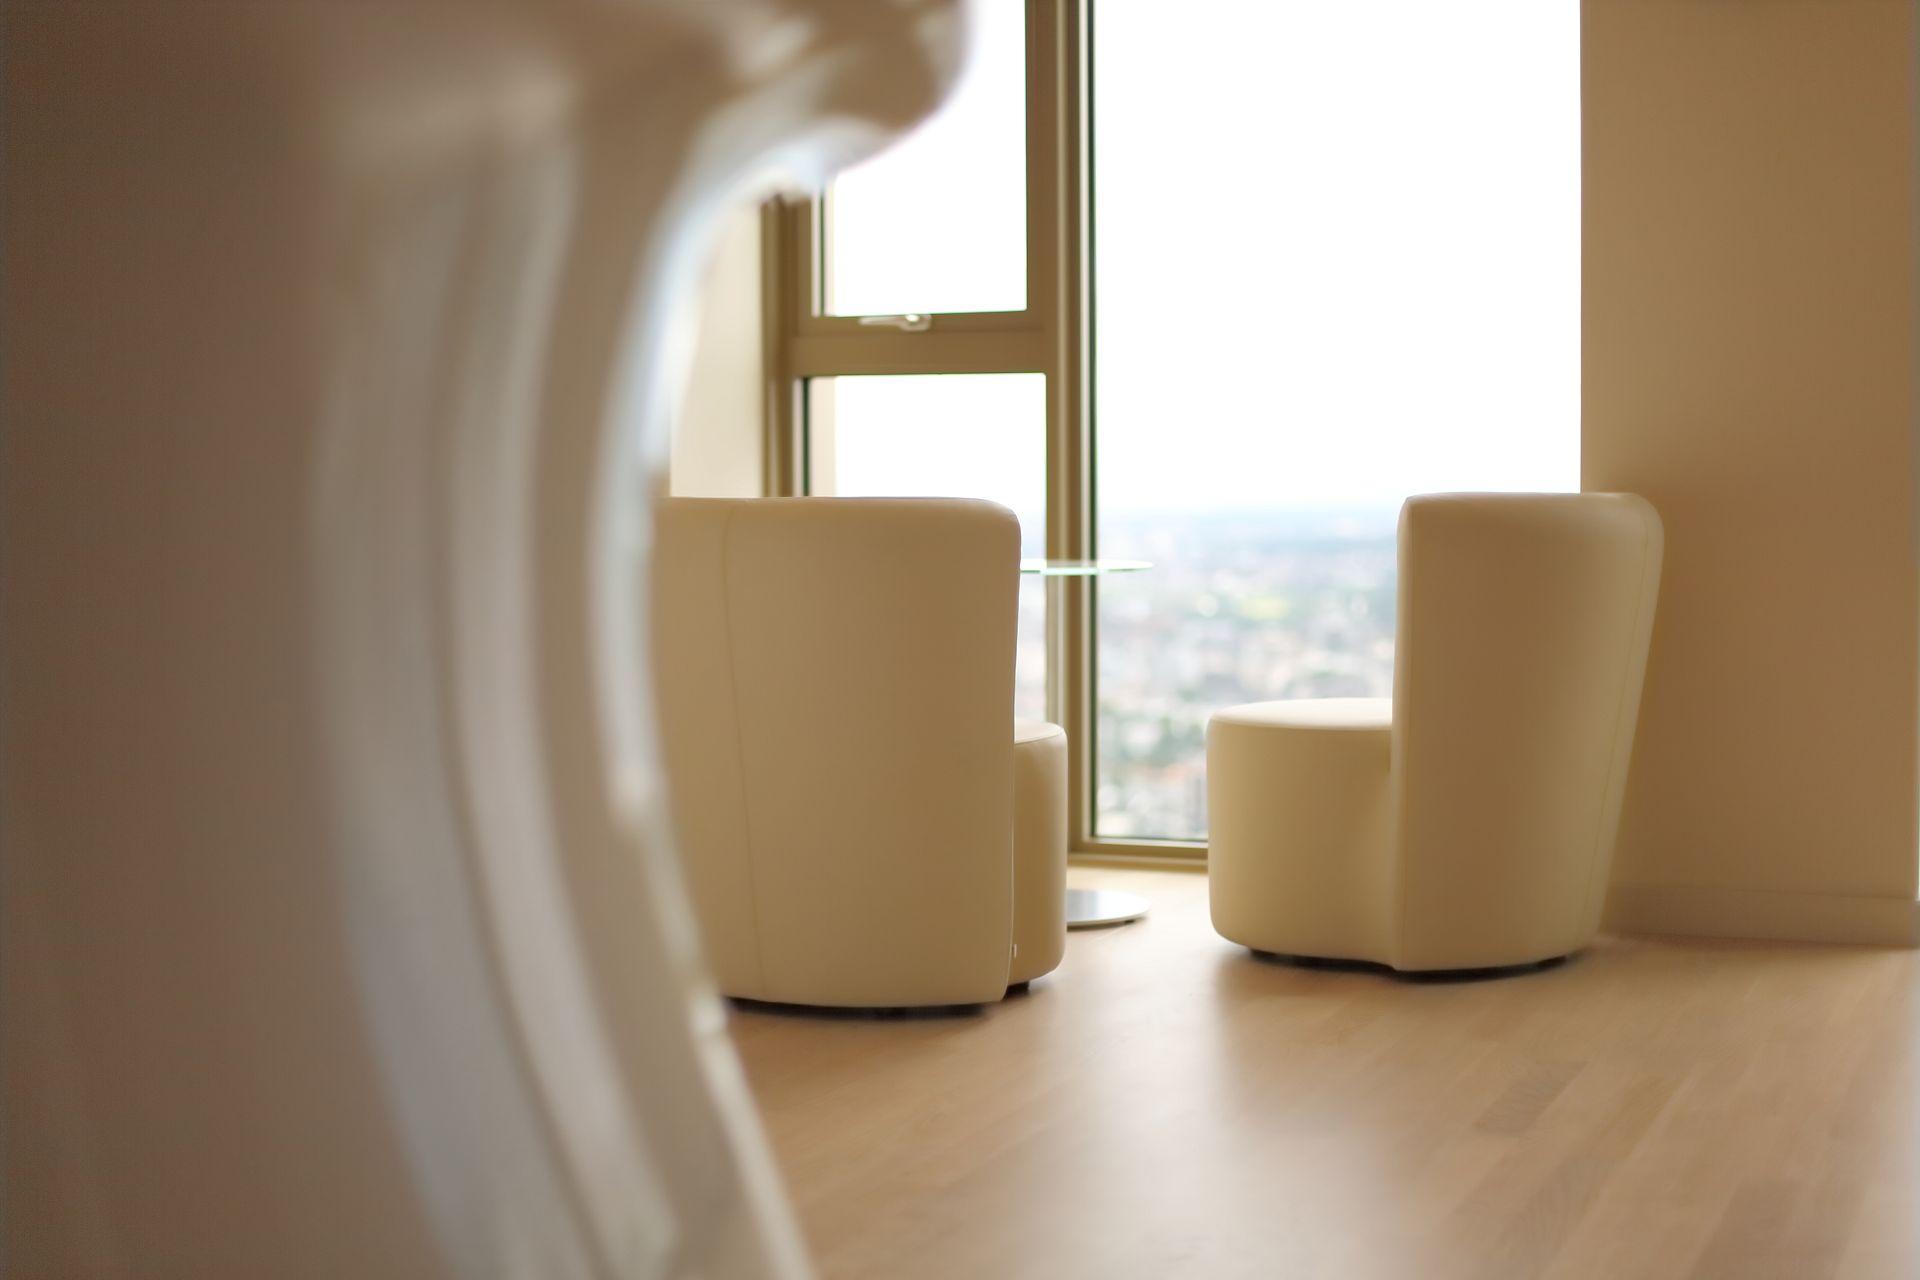 Sitzecke im Office Tower in Frankfurt am Main